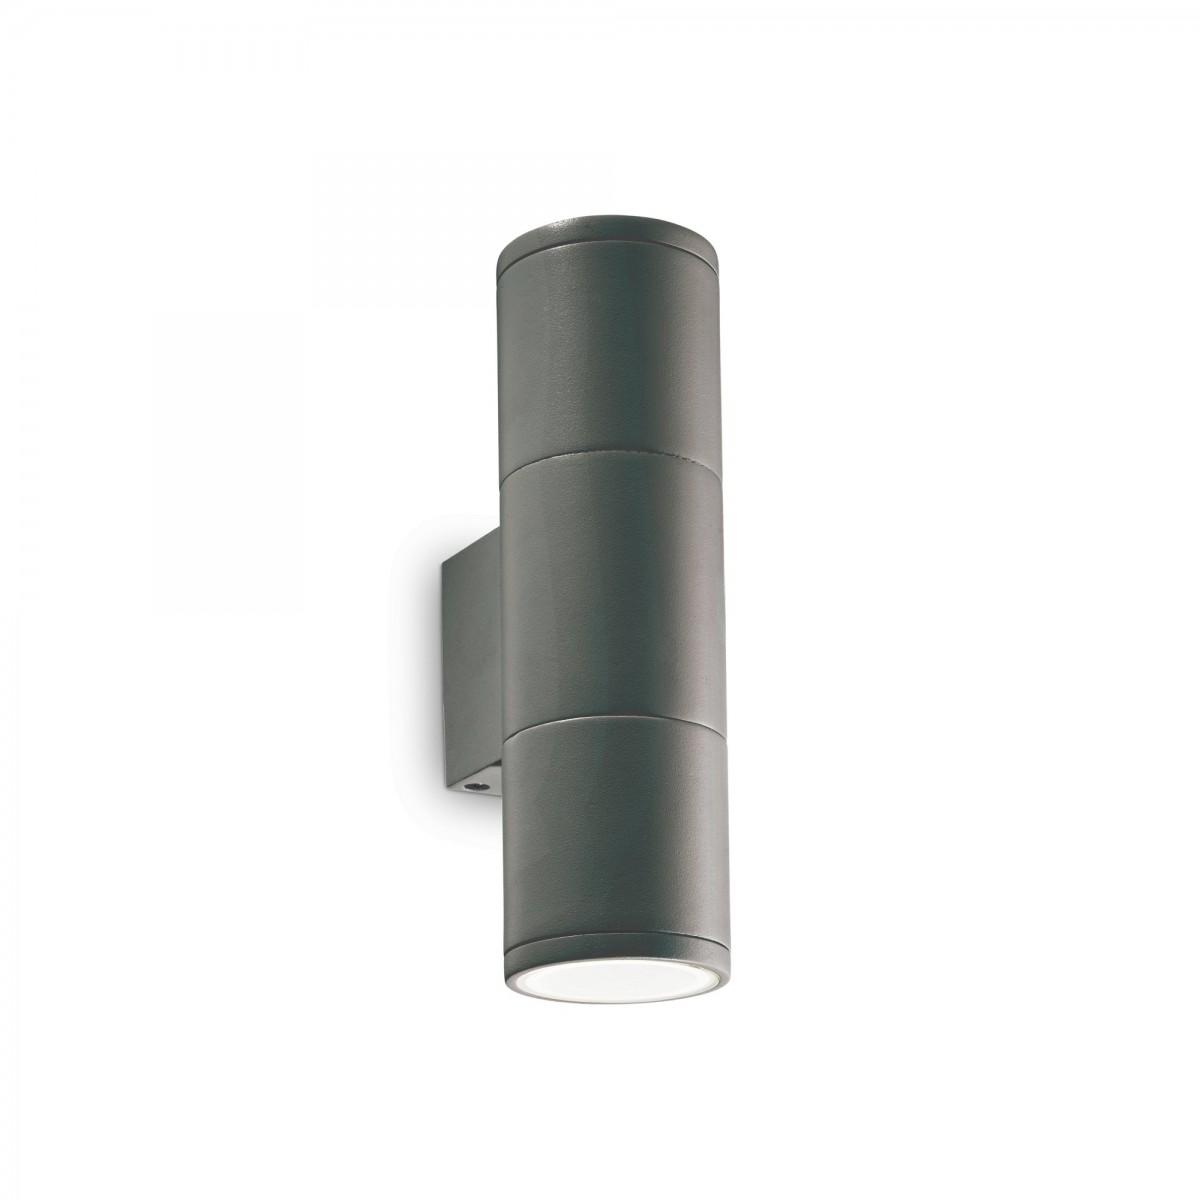 Ideal Lux 236841 venkovní bodová nástěnná lampa Gun 2x35W | GU10 | IP44 - antracit IdealLux 236841